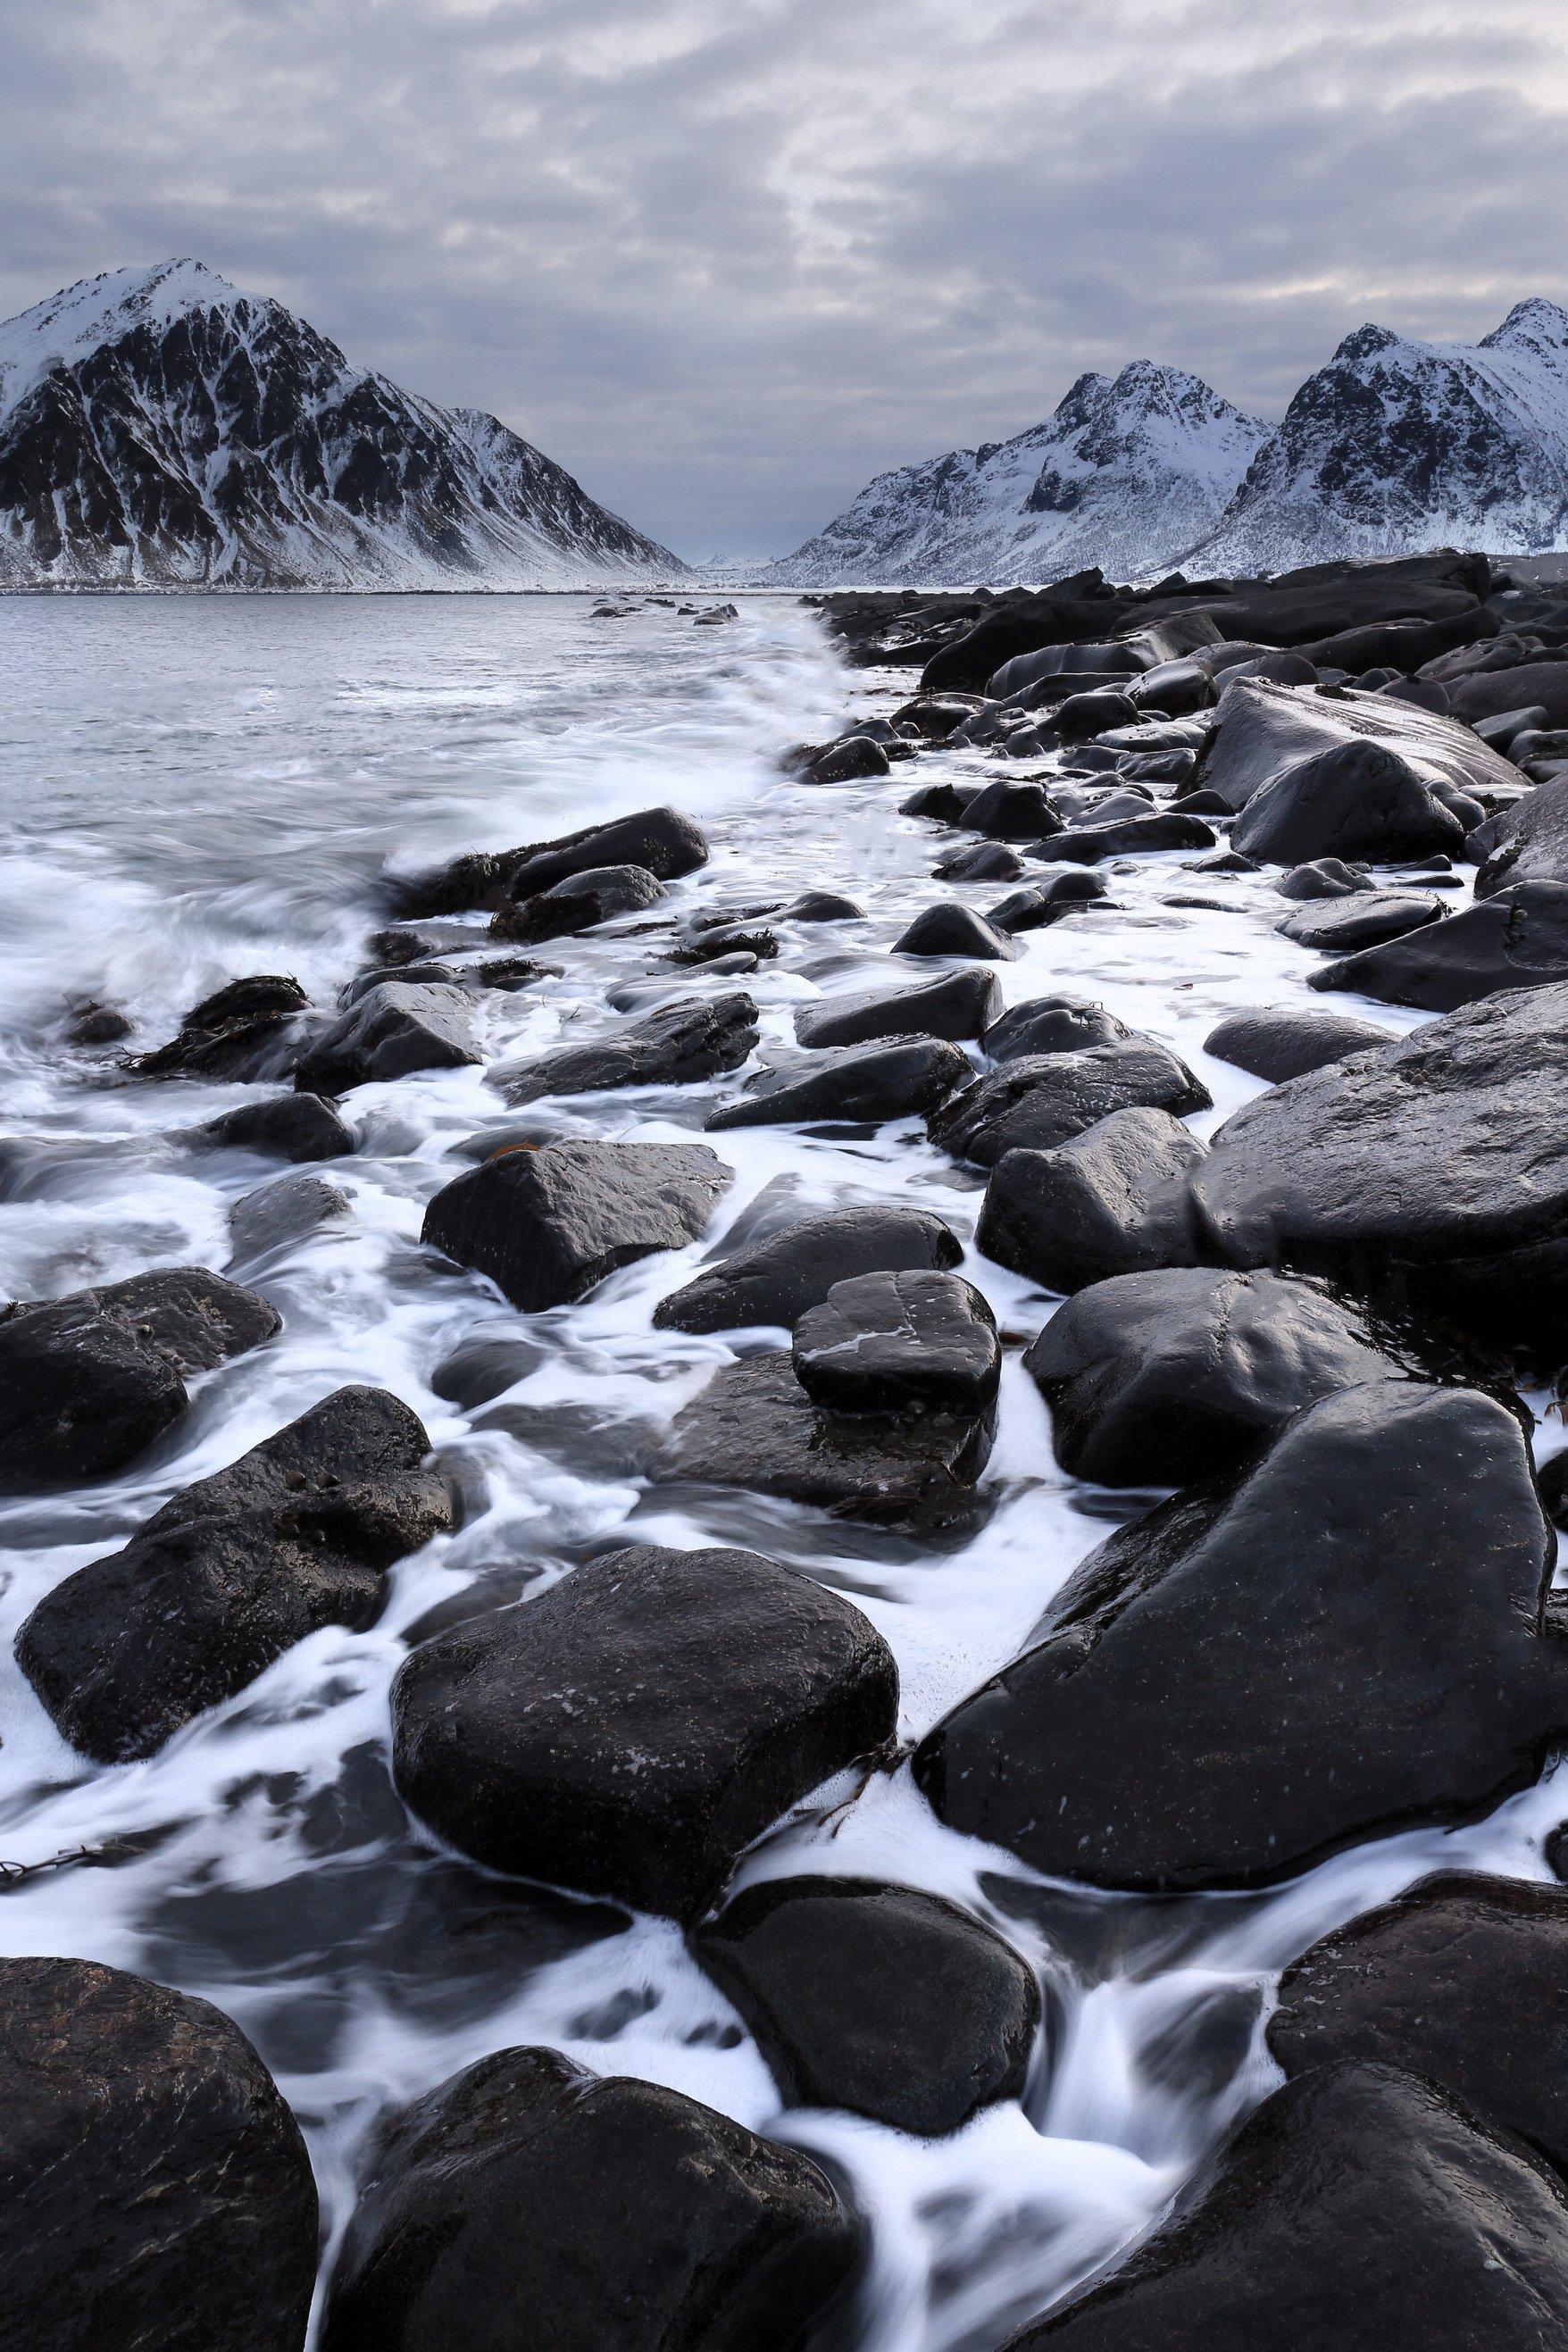 берег, камни, пейзаж, путешествие, travel, landscape, stones, Михаил Конарев